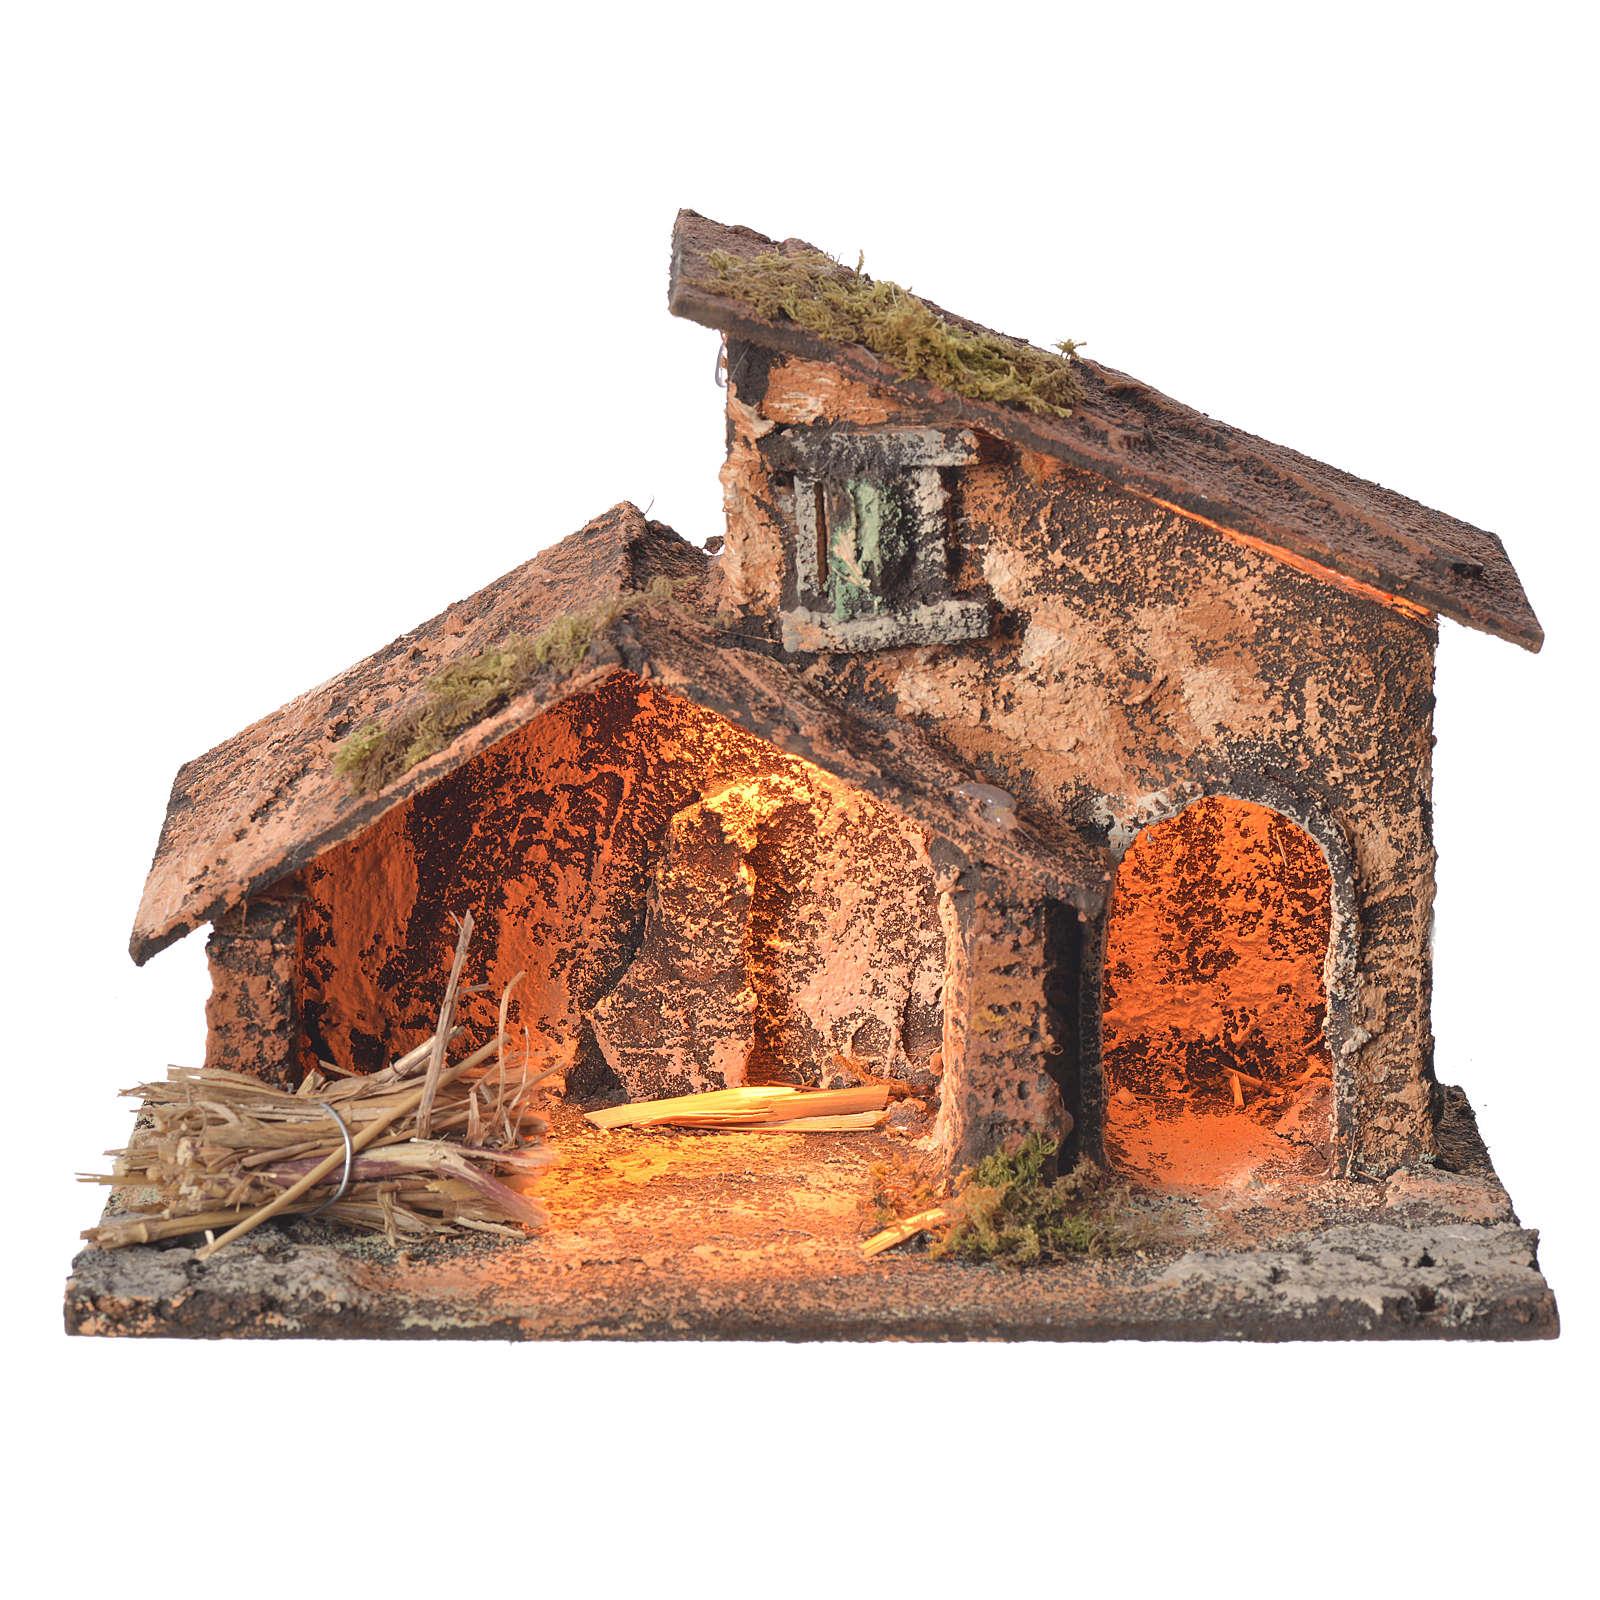 Stalla legno paglia presepe Napoli 16X24X14 cm 4